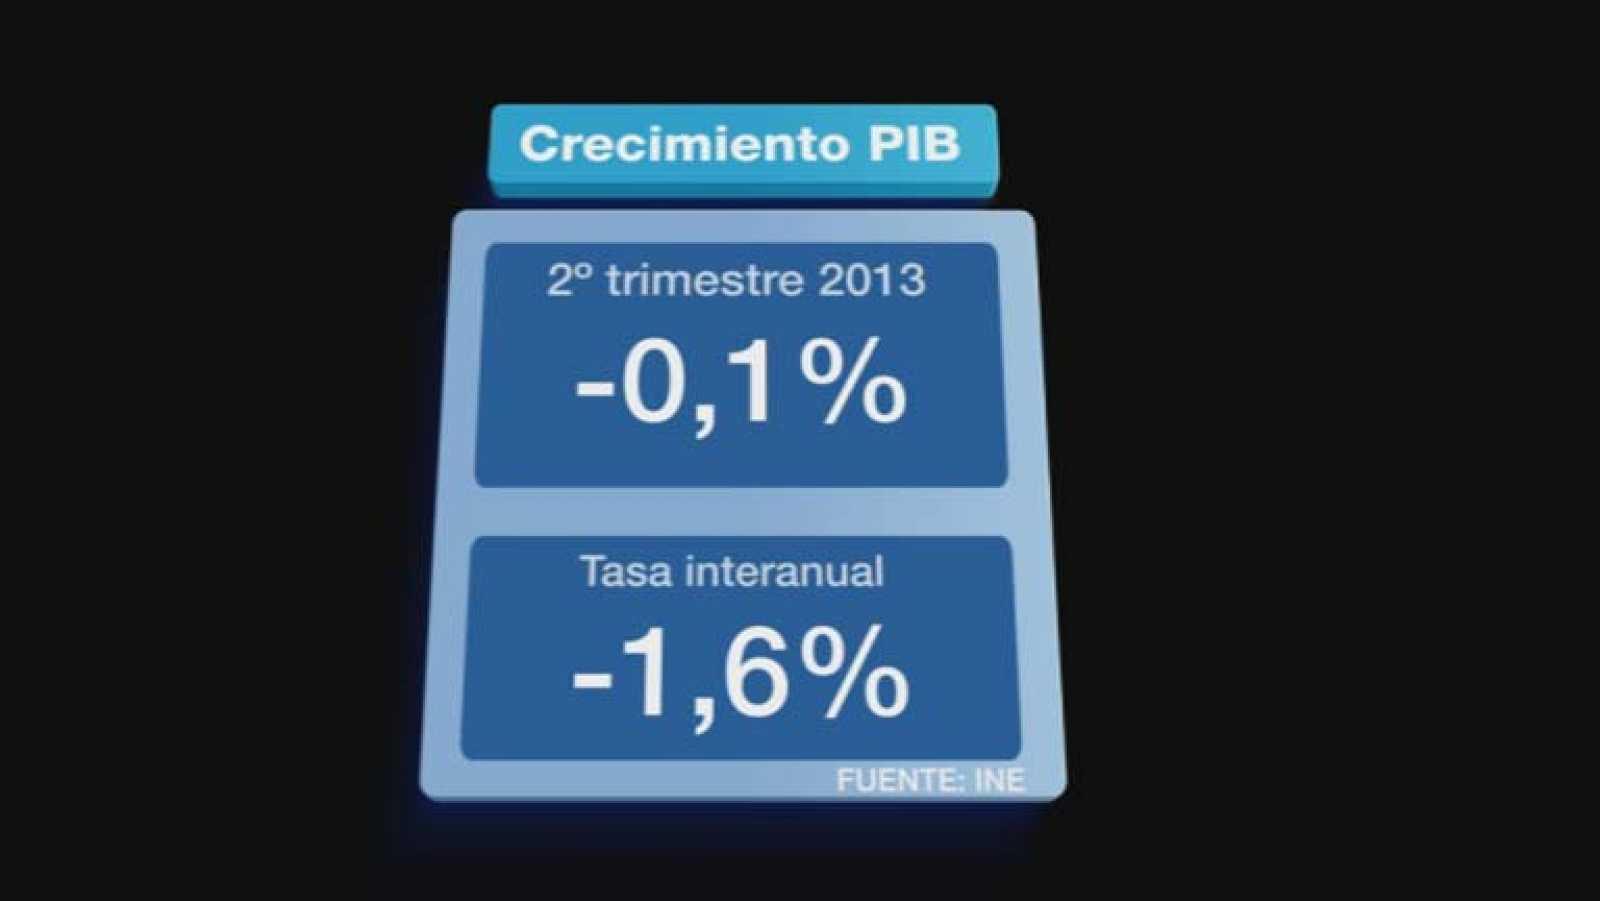 Menor retroceso del PIB y moderada destrucción de empleo según datos del Instituto Nacional de Estadística